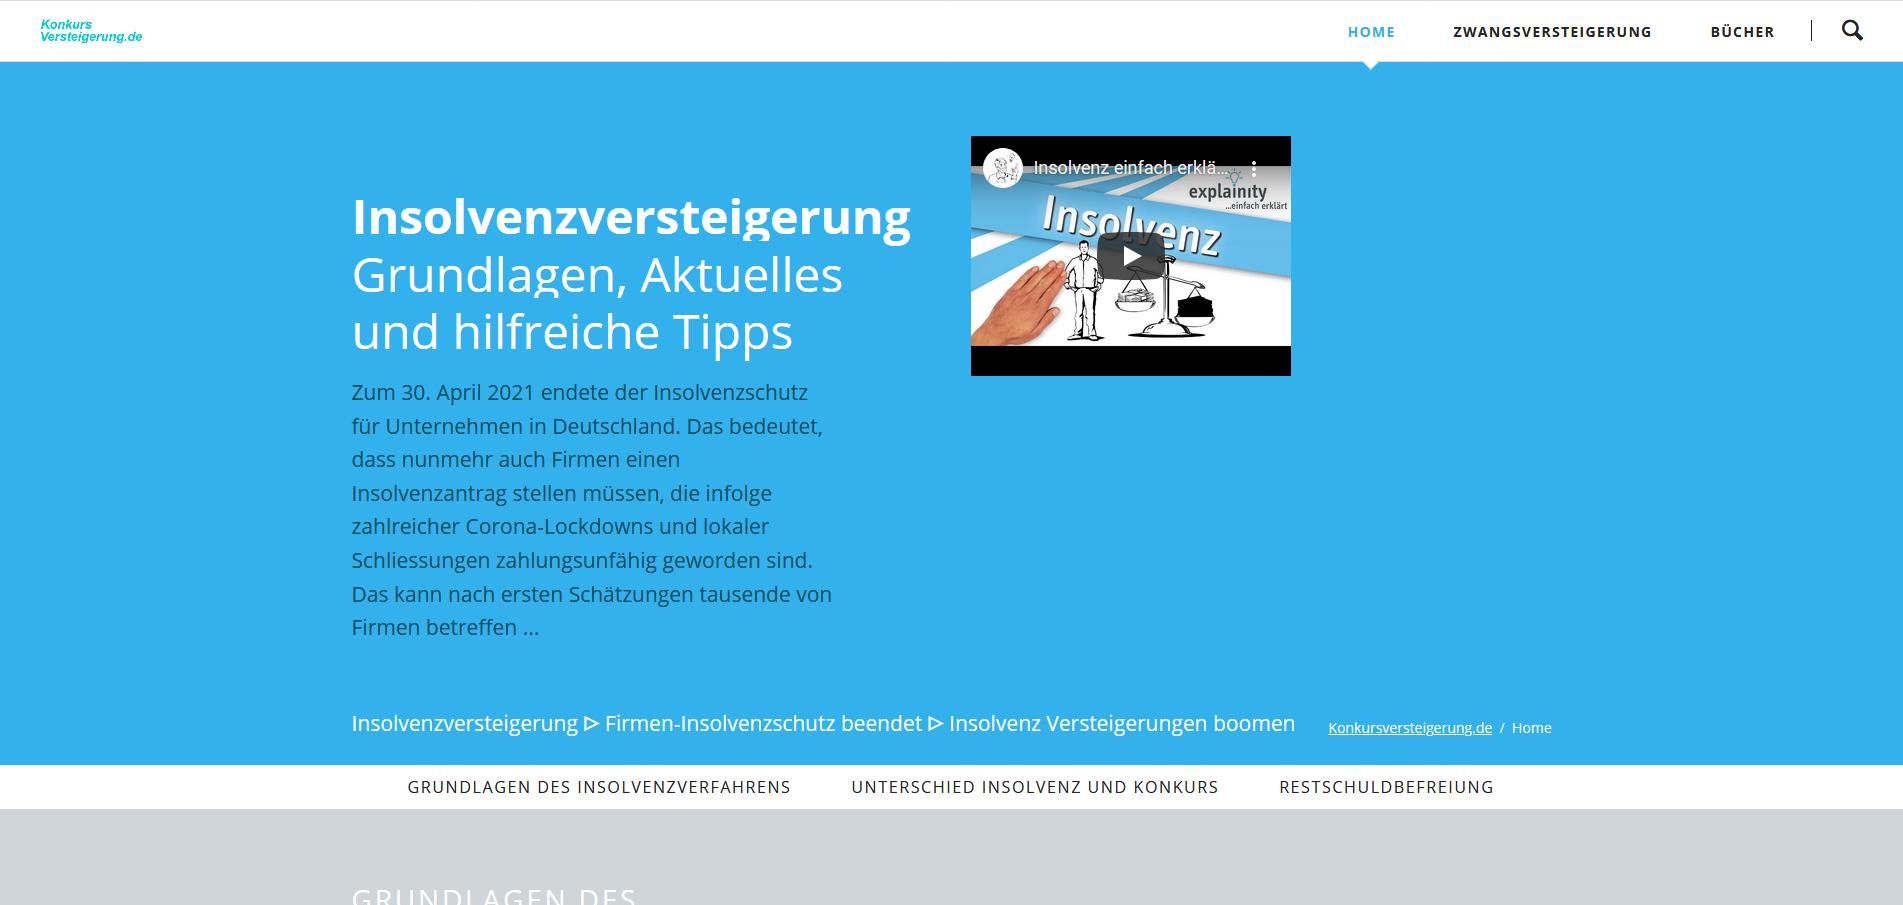 Insolvenzversteigerungen auf Konkursversteigerung.de